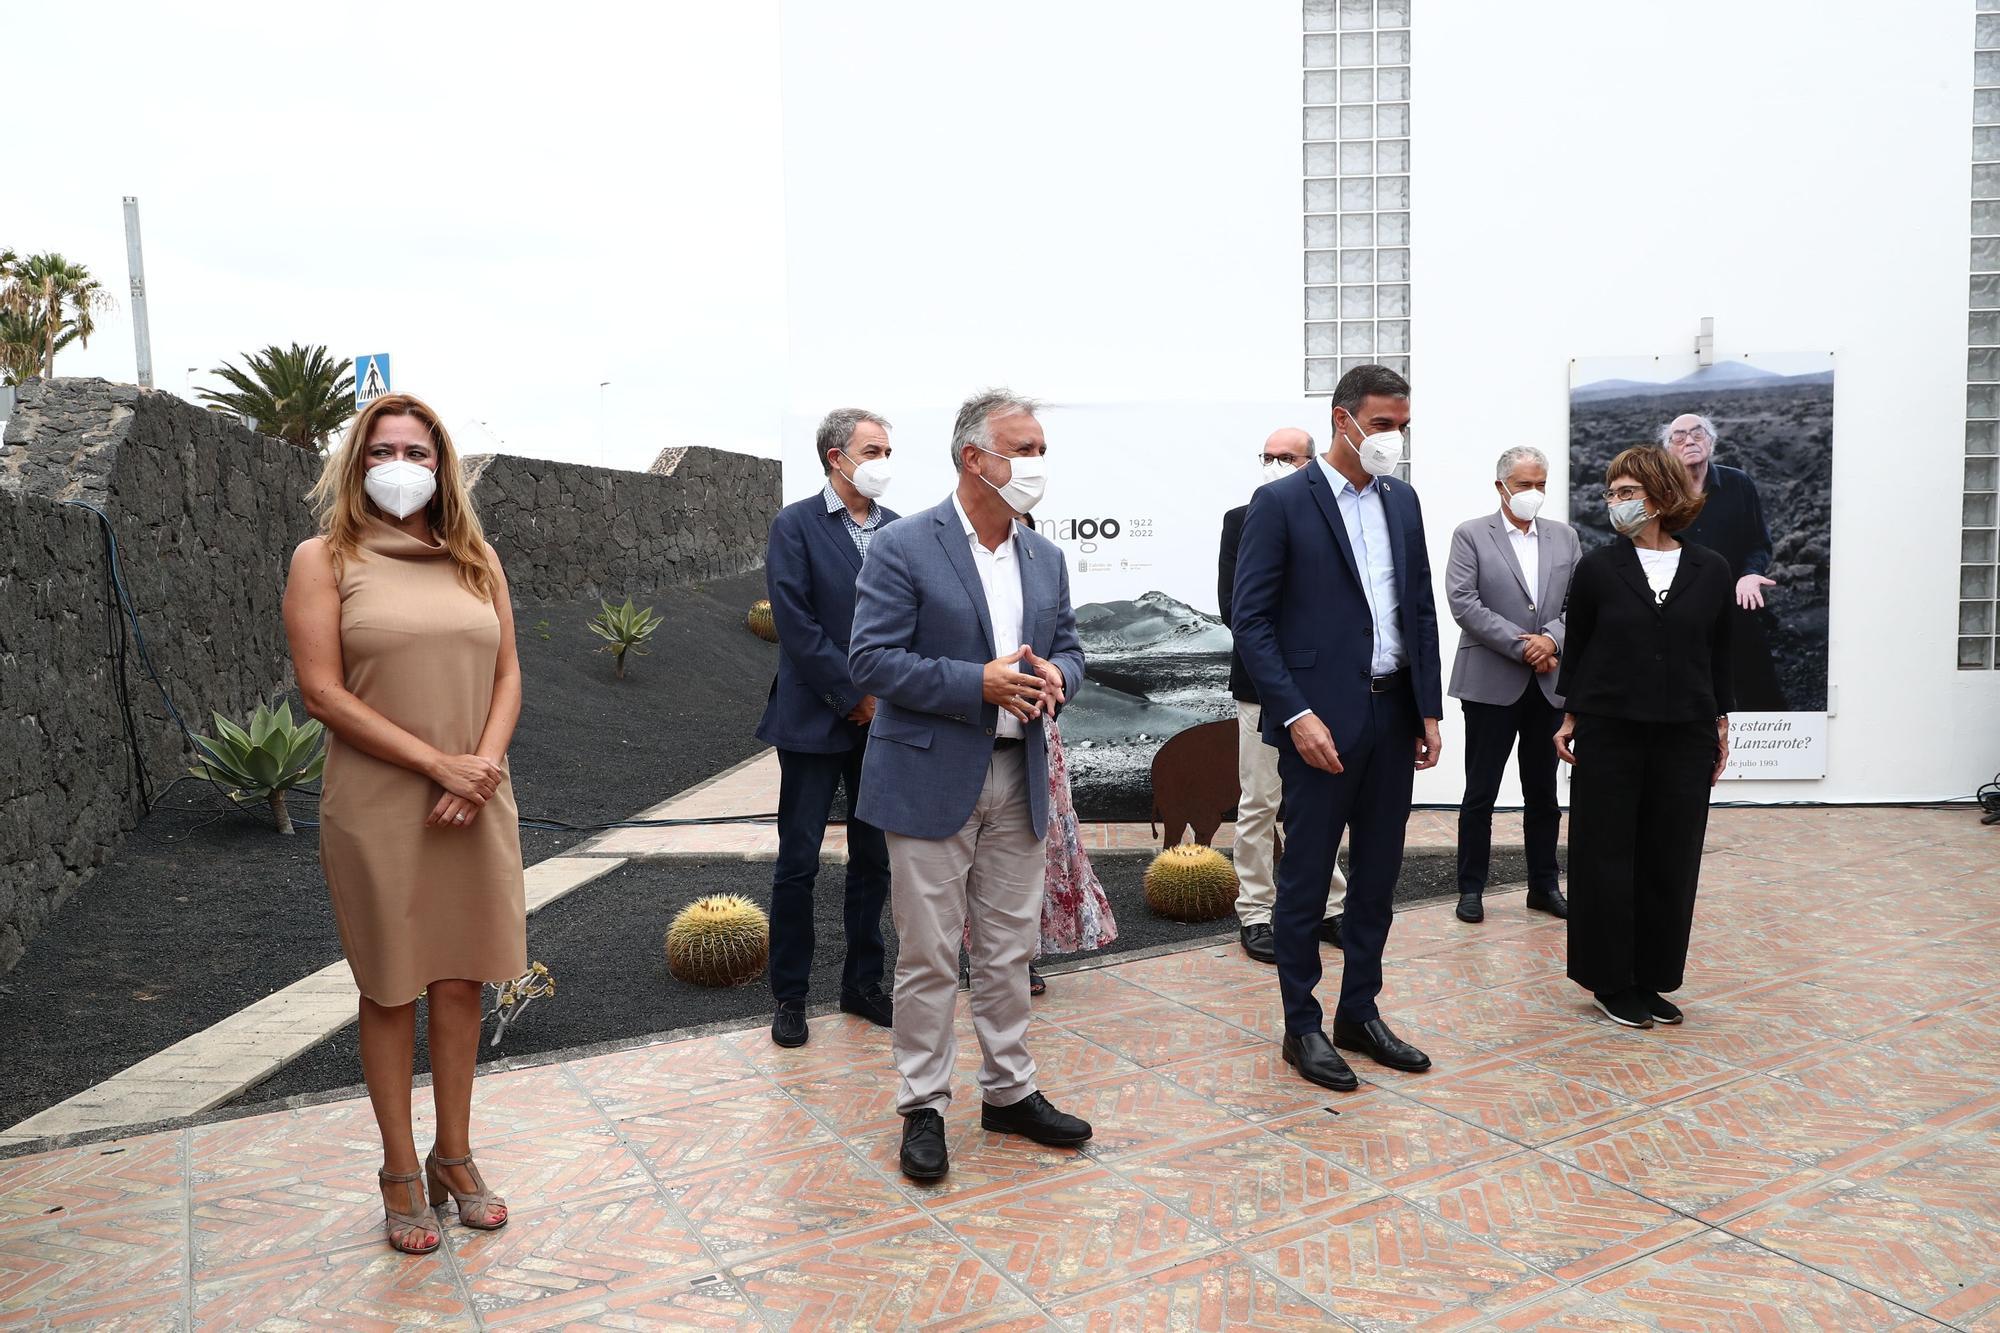 Pedro Sánchez participa en el acto de presentación del centenario de José Saramago (11/08/2021)